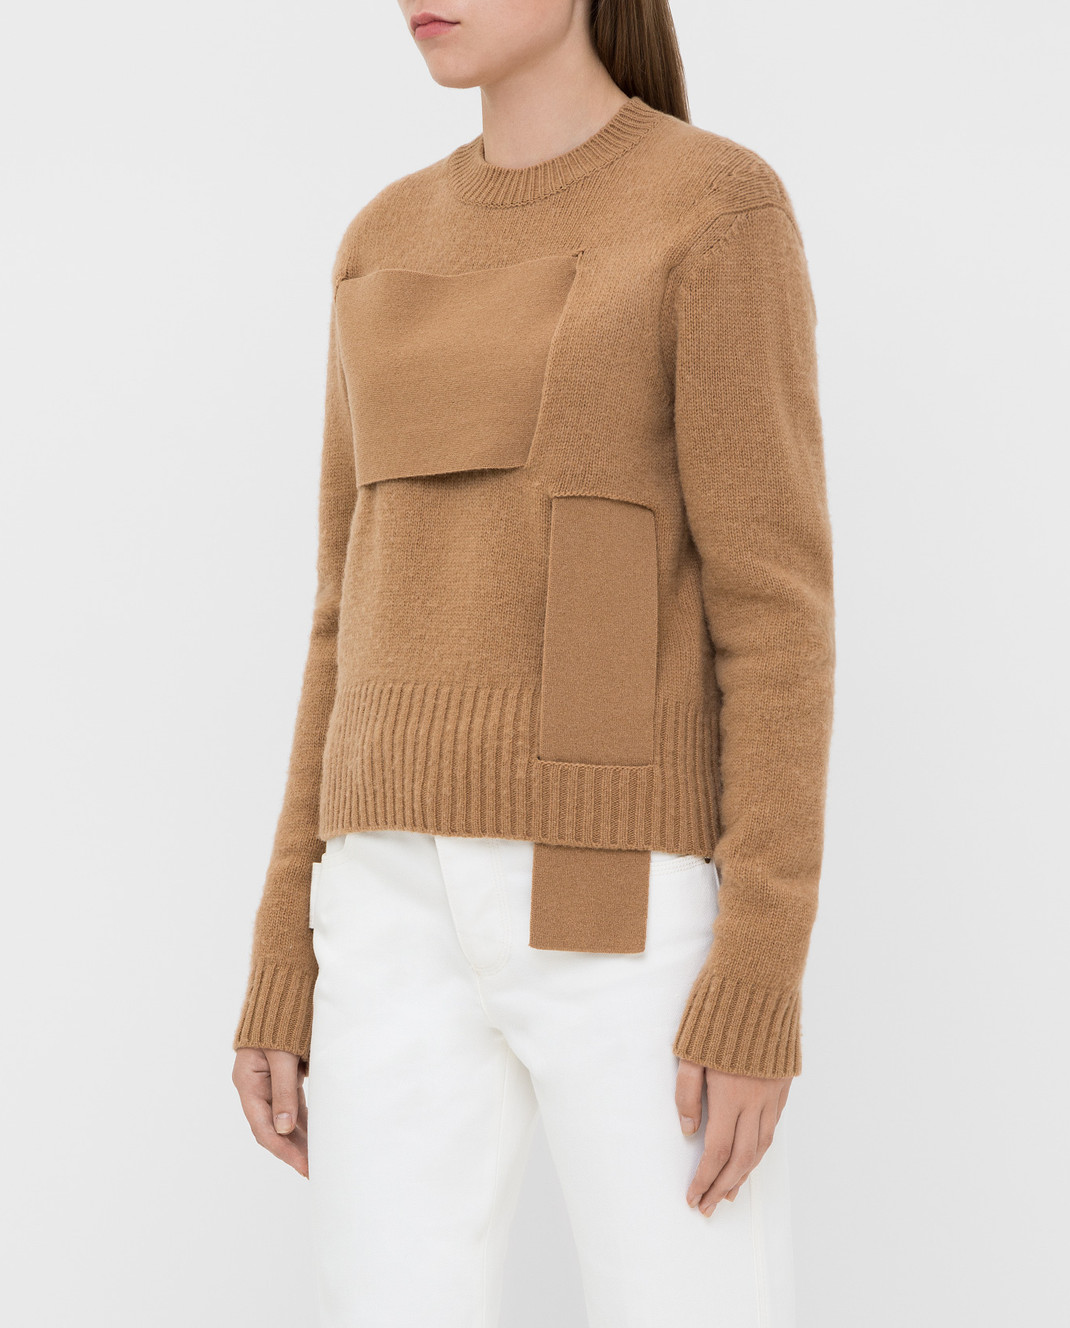 Bottega Veneta Бежевый свитер из шерсти изображение 3